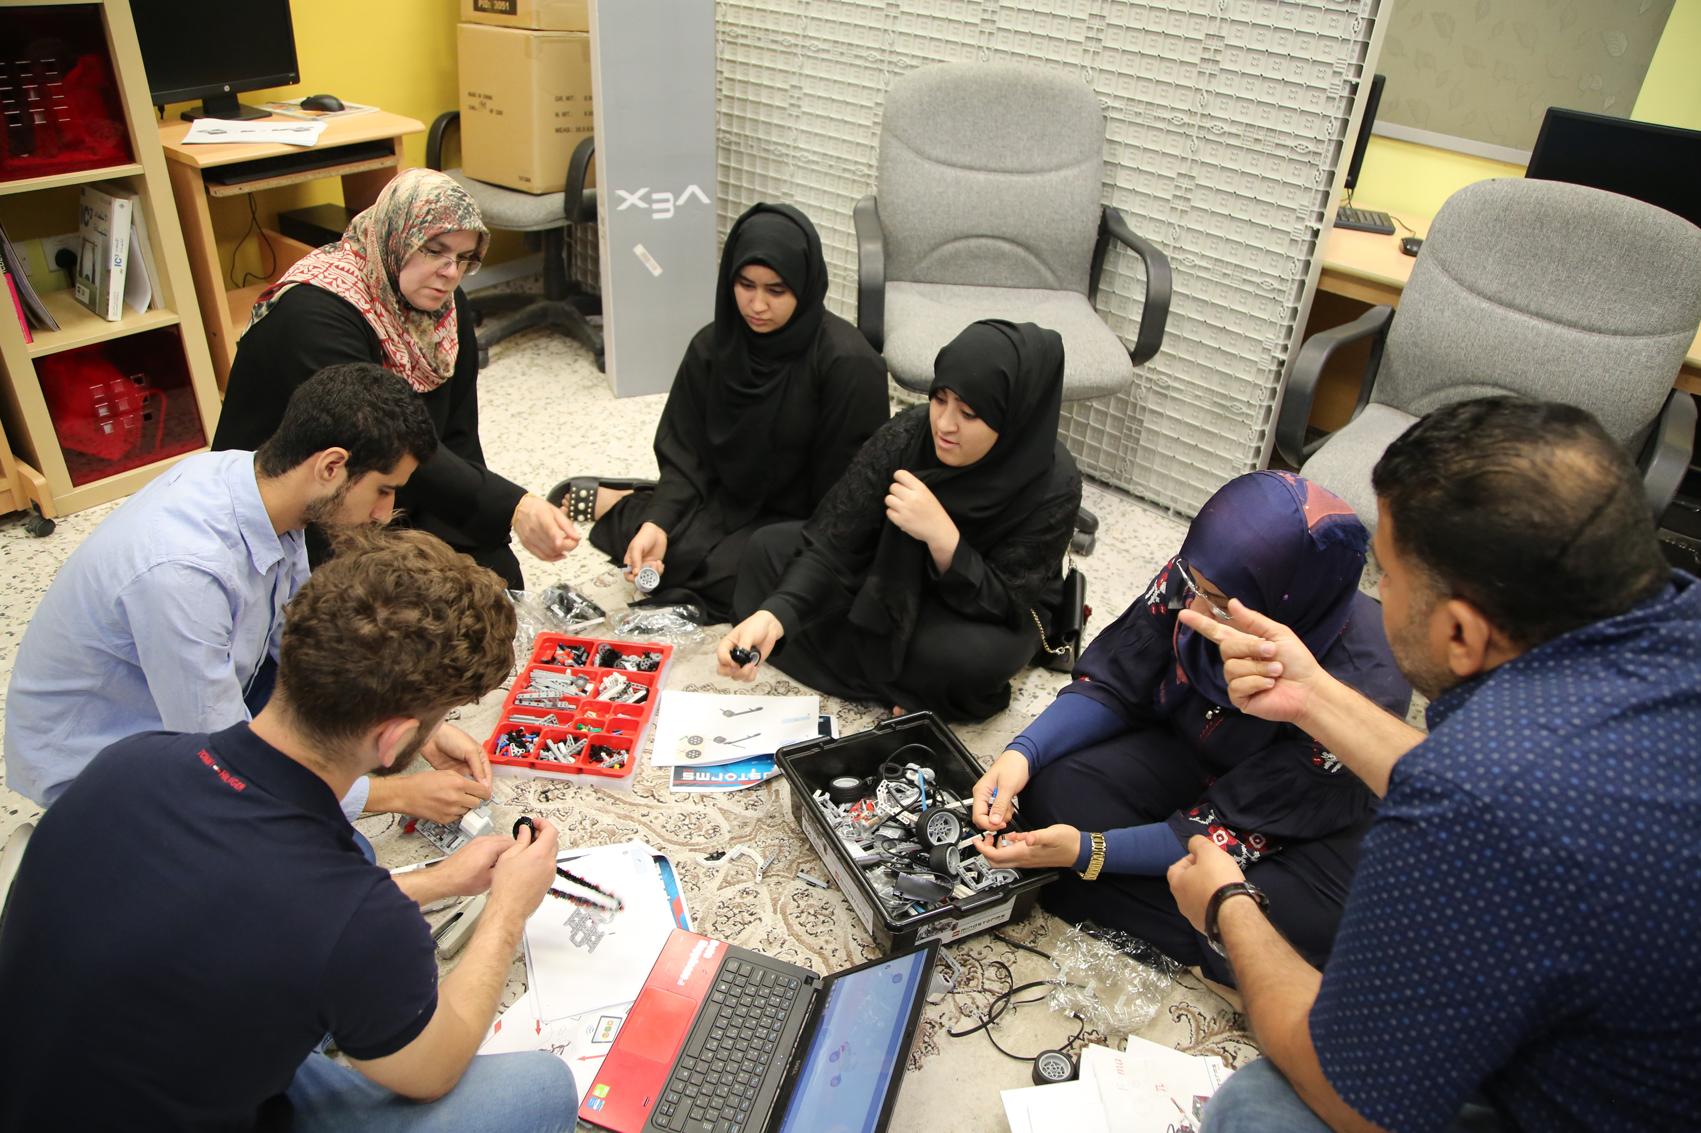 طلاب الخدمات الإنسانية يستعدون للمشاركة في بطولة الروبوت